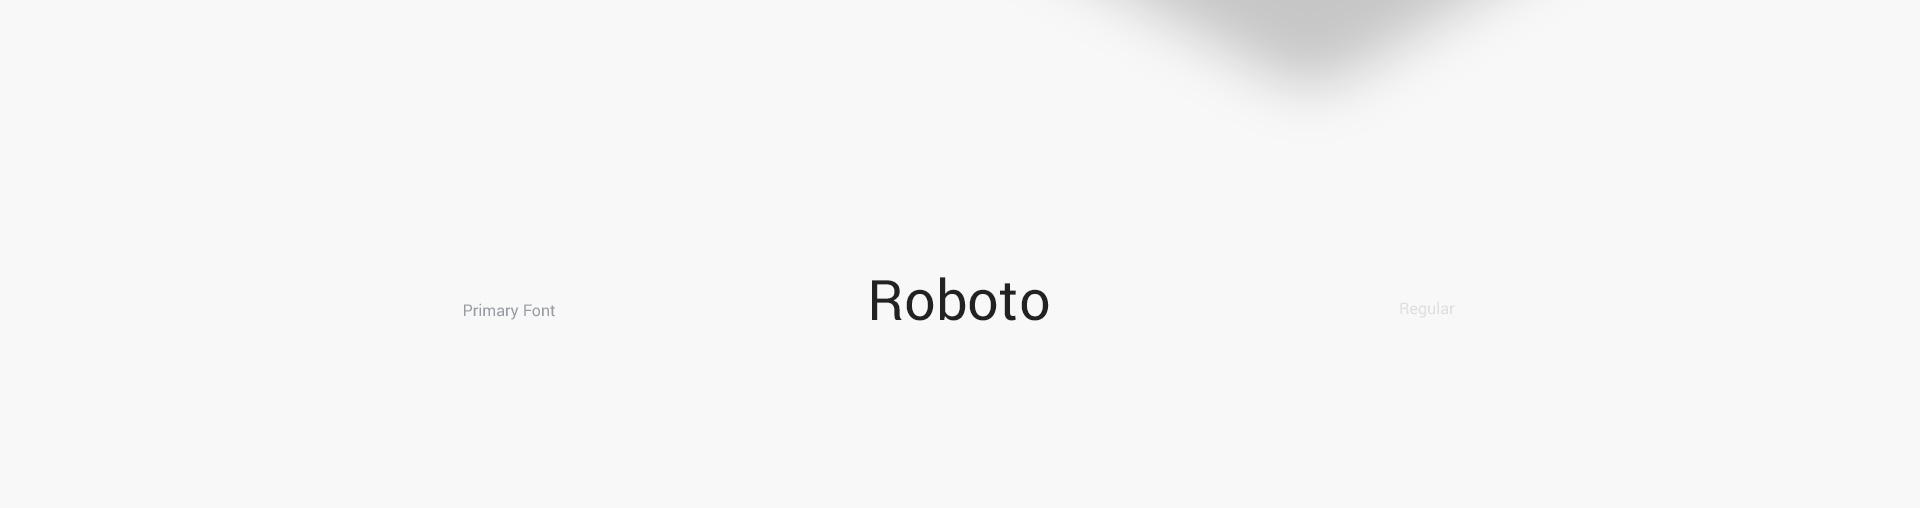 font roboto użyty na stronie www deweloper leszno